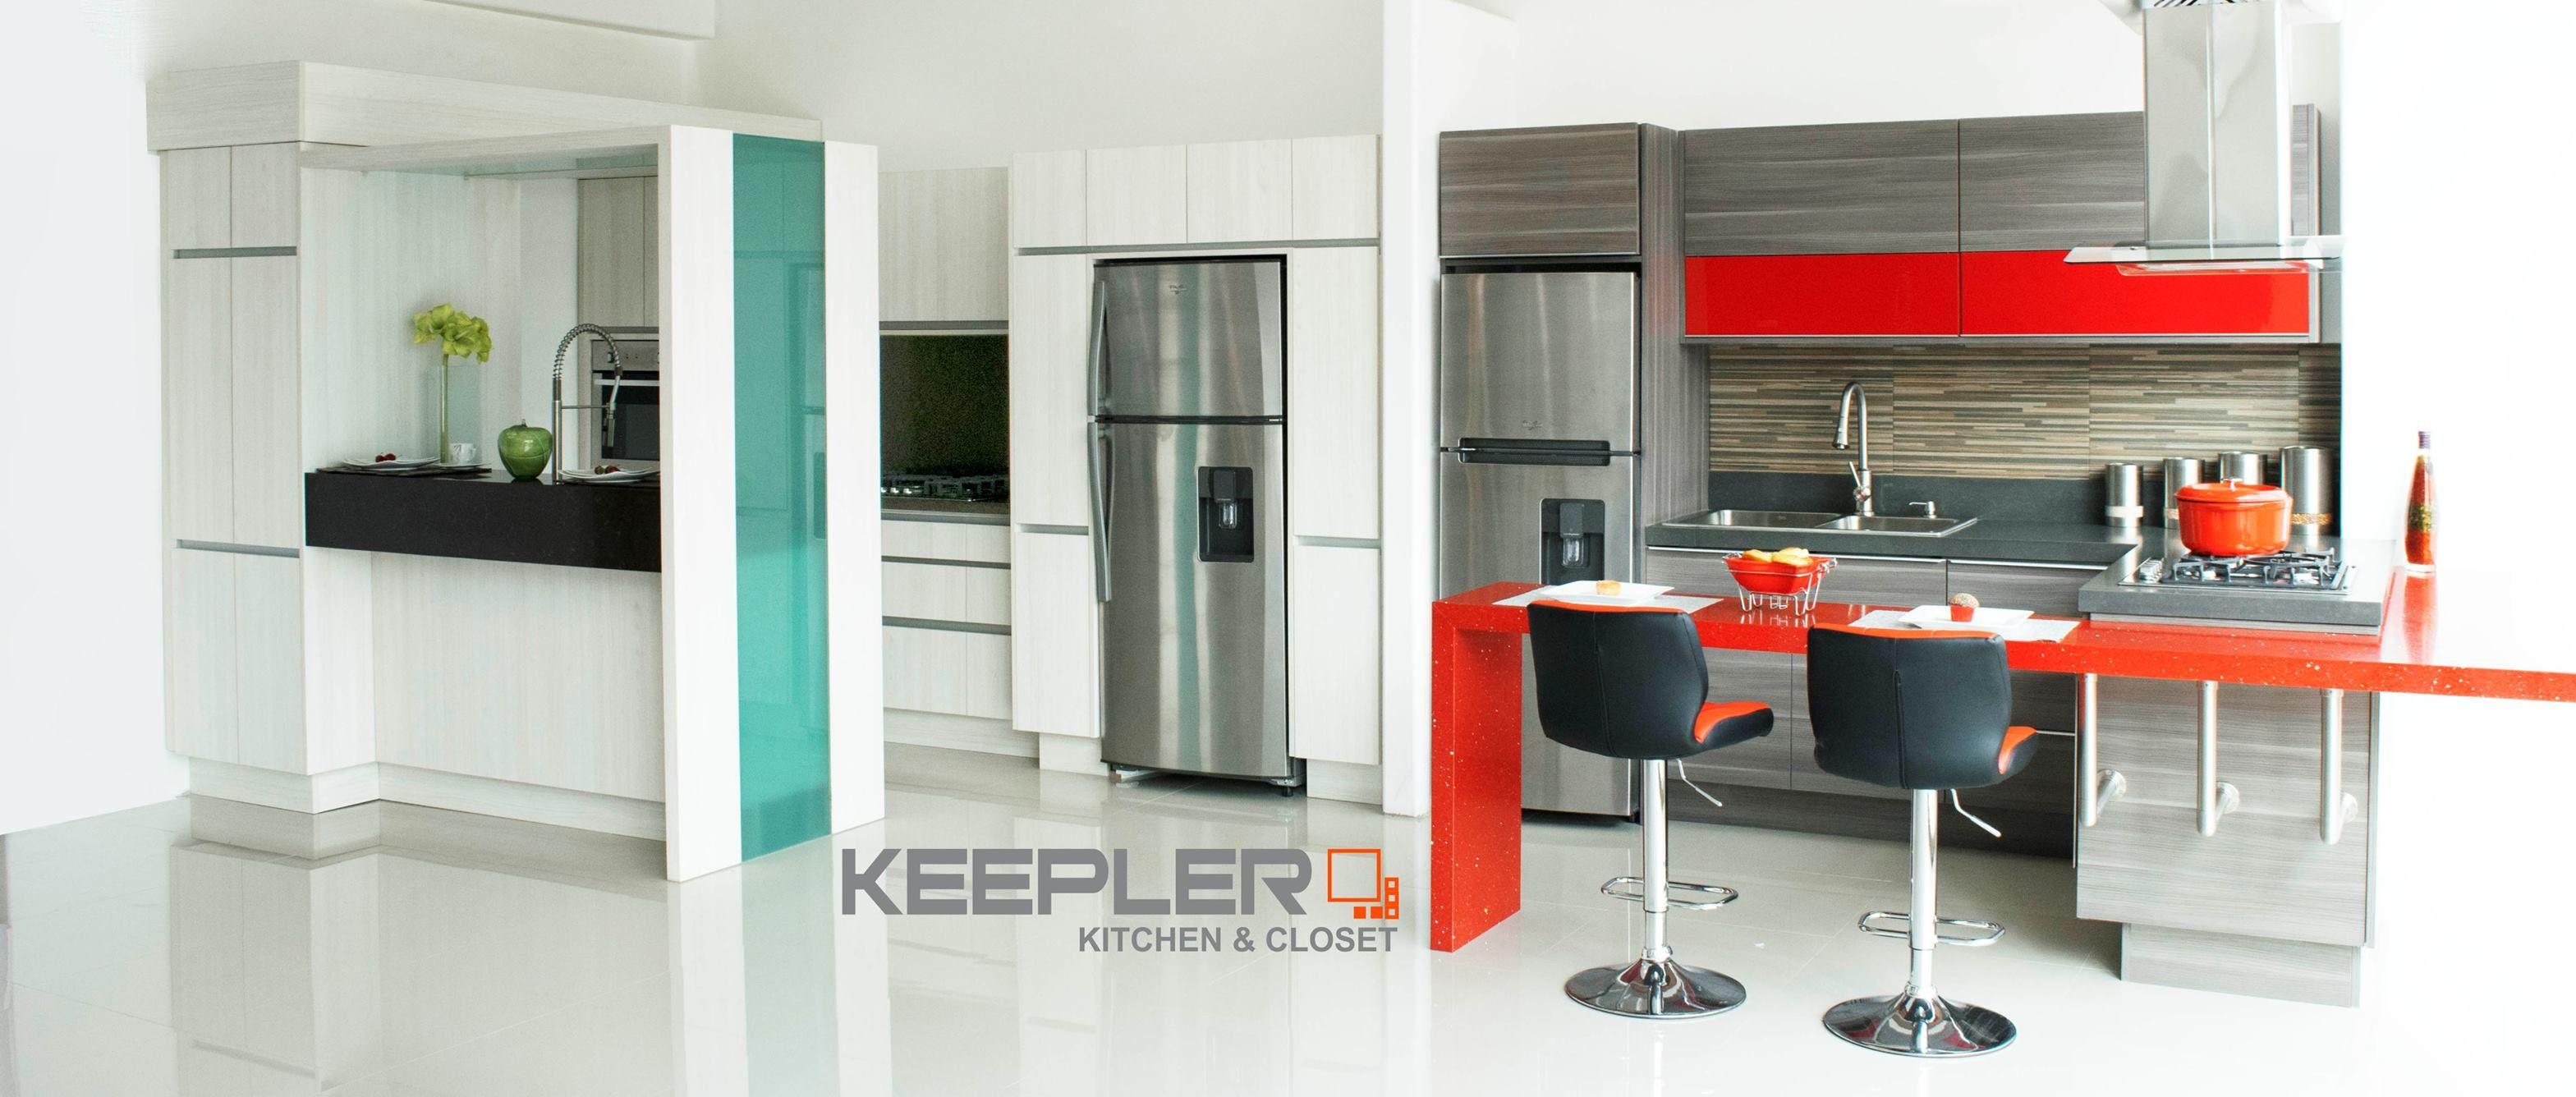 Sala De Exhibicion De Keepler Kitchen Closets Cocinas